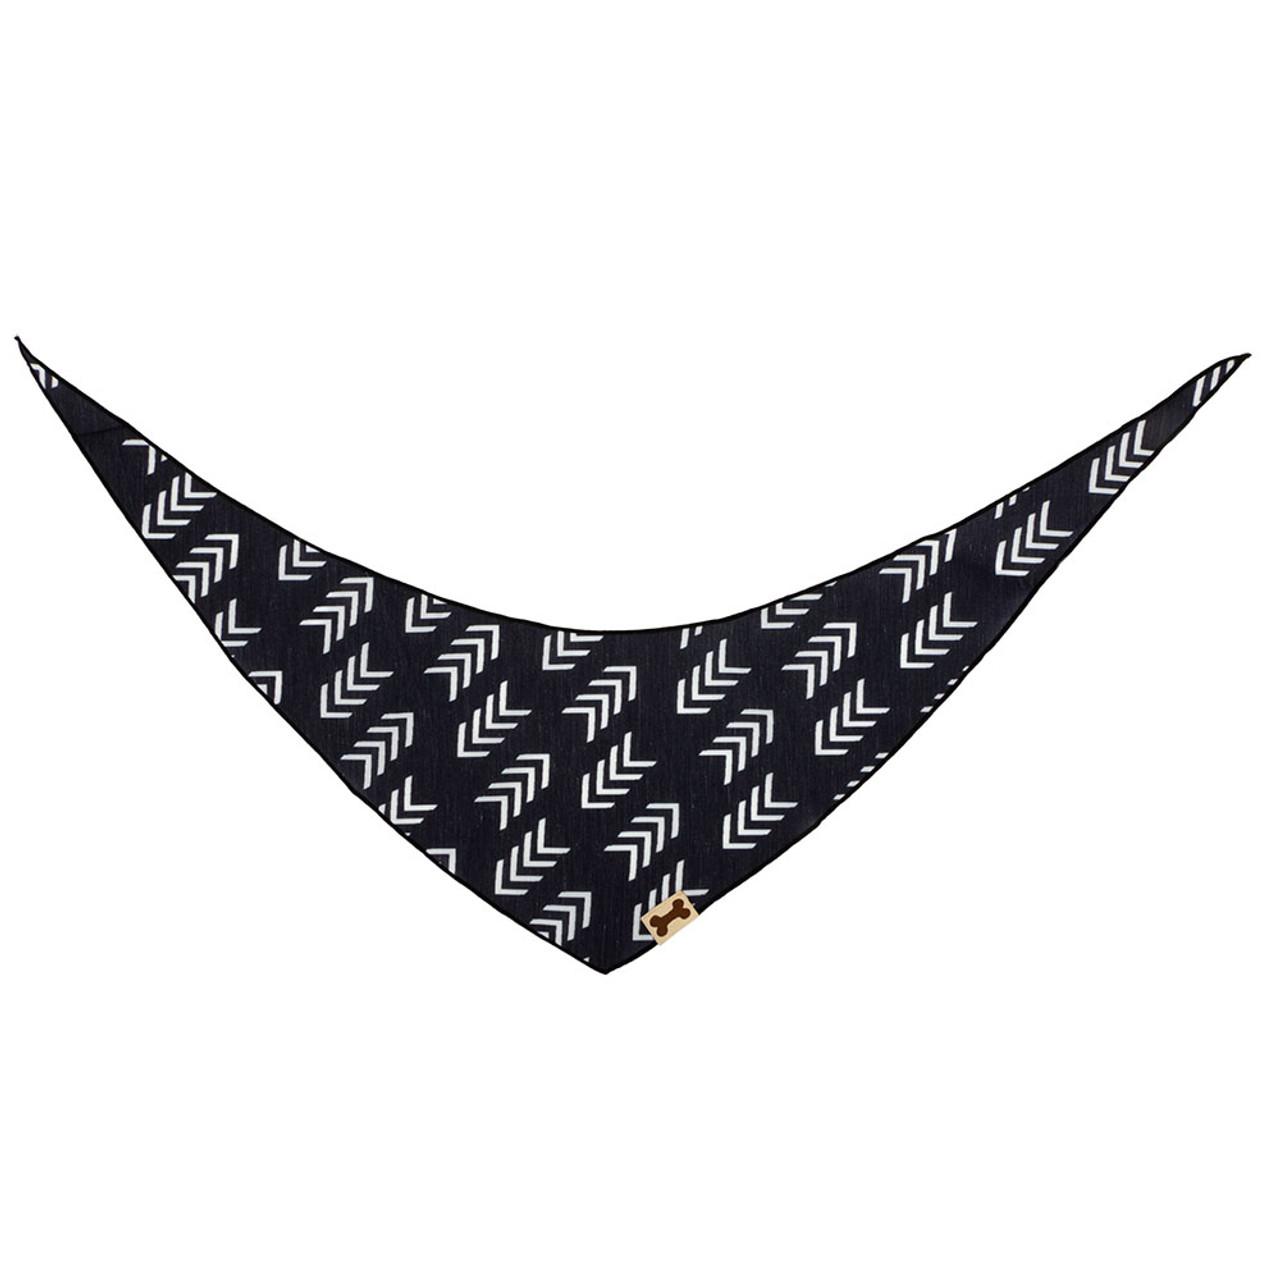 SimplyShe Black Flying V Print Dog Bandana - Back